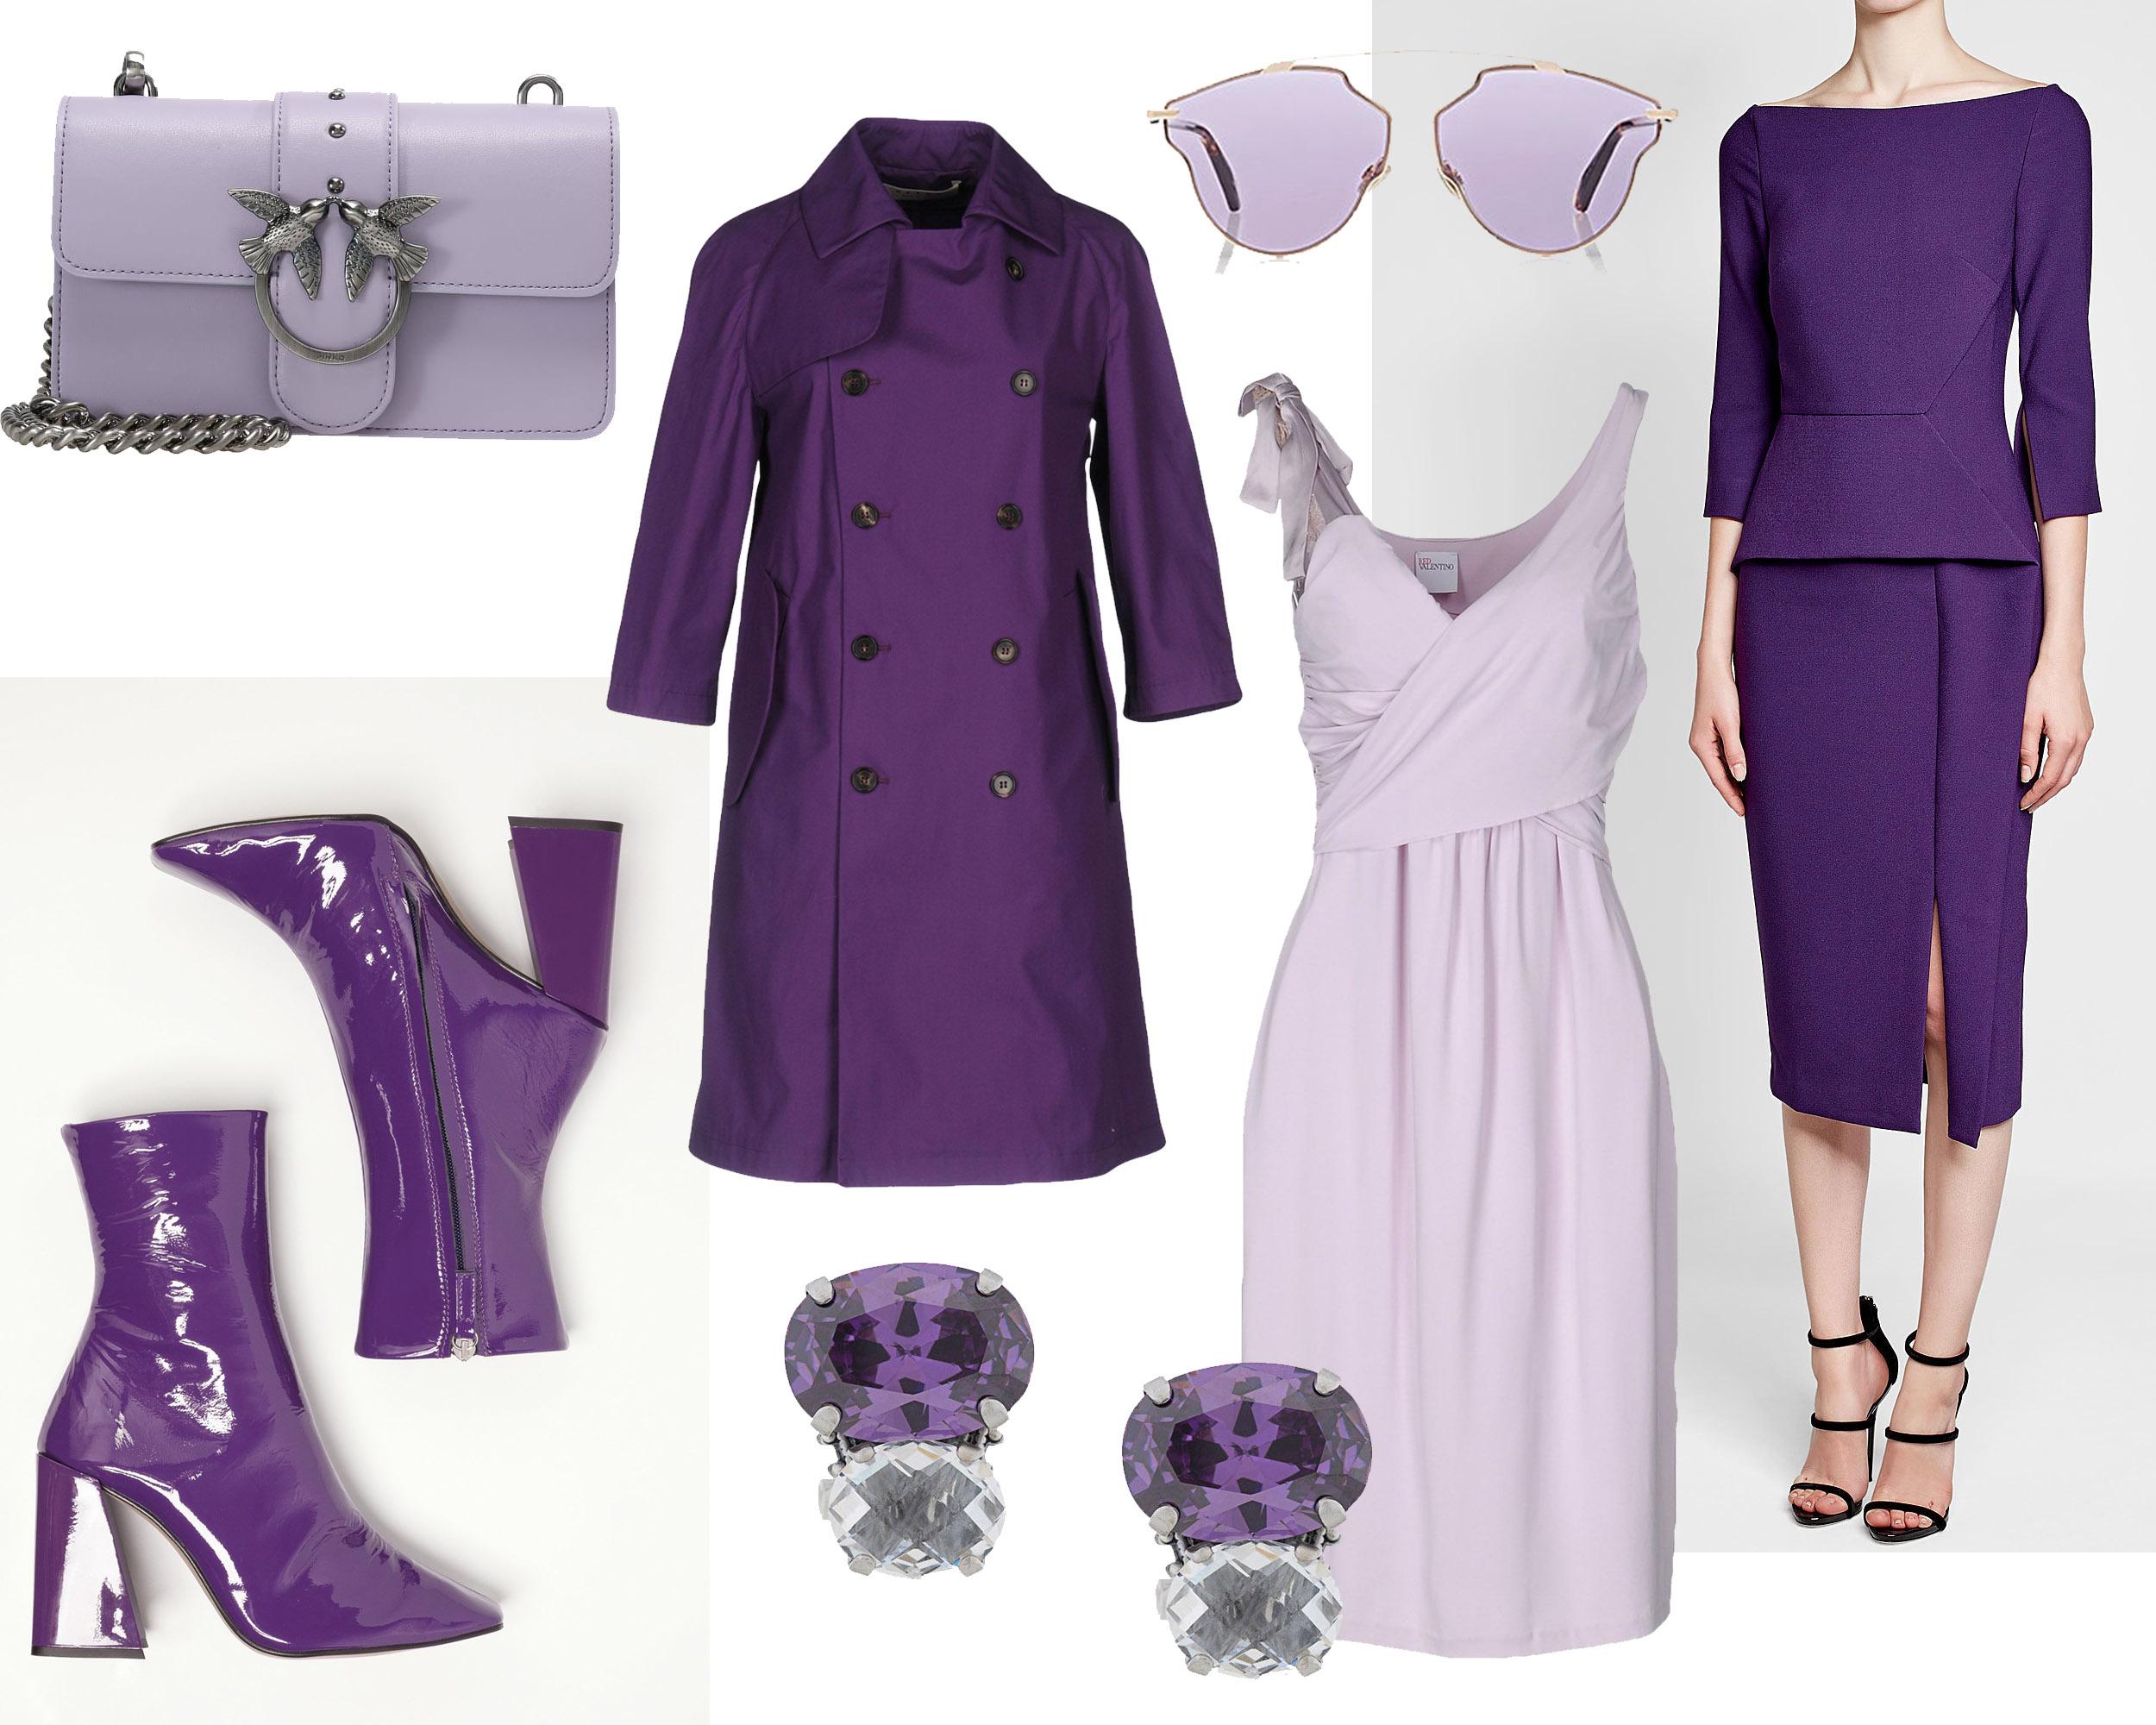 mode-trends-2018-fashion-lila-violet-deep-pruple